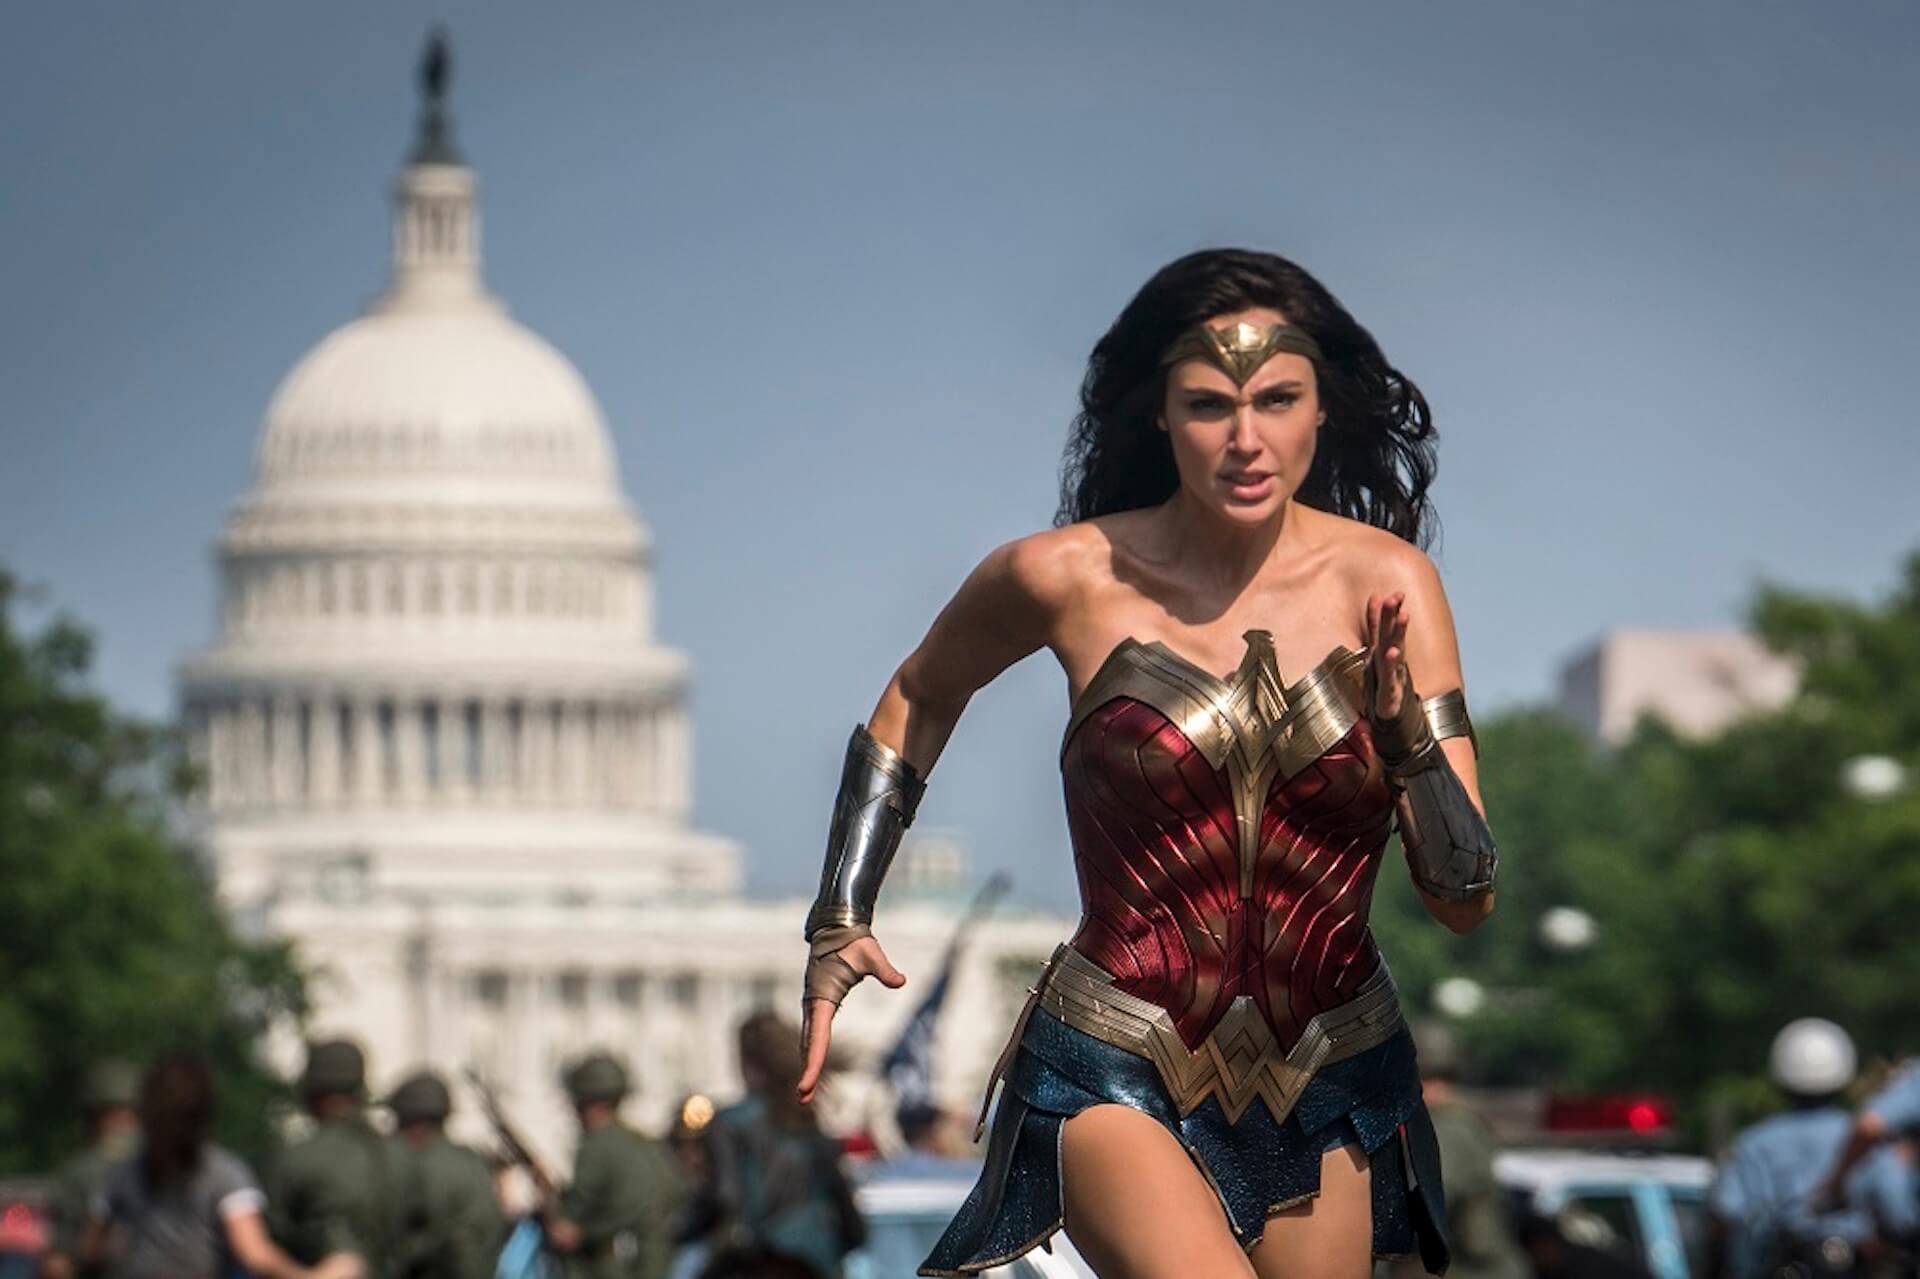 『ワンダーウーマン 1984』主演ガル・ガドットが激白!最強のスーパーヒーロー・ワンダーウーマンの意外な弱点とは? film201124-wonderwoman_02